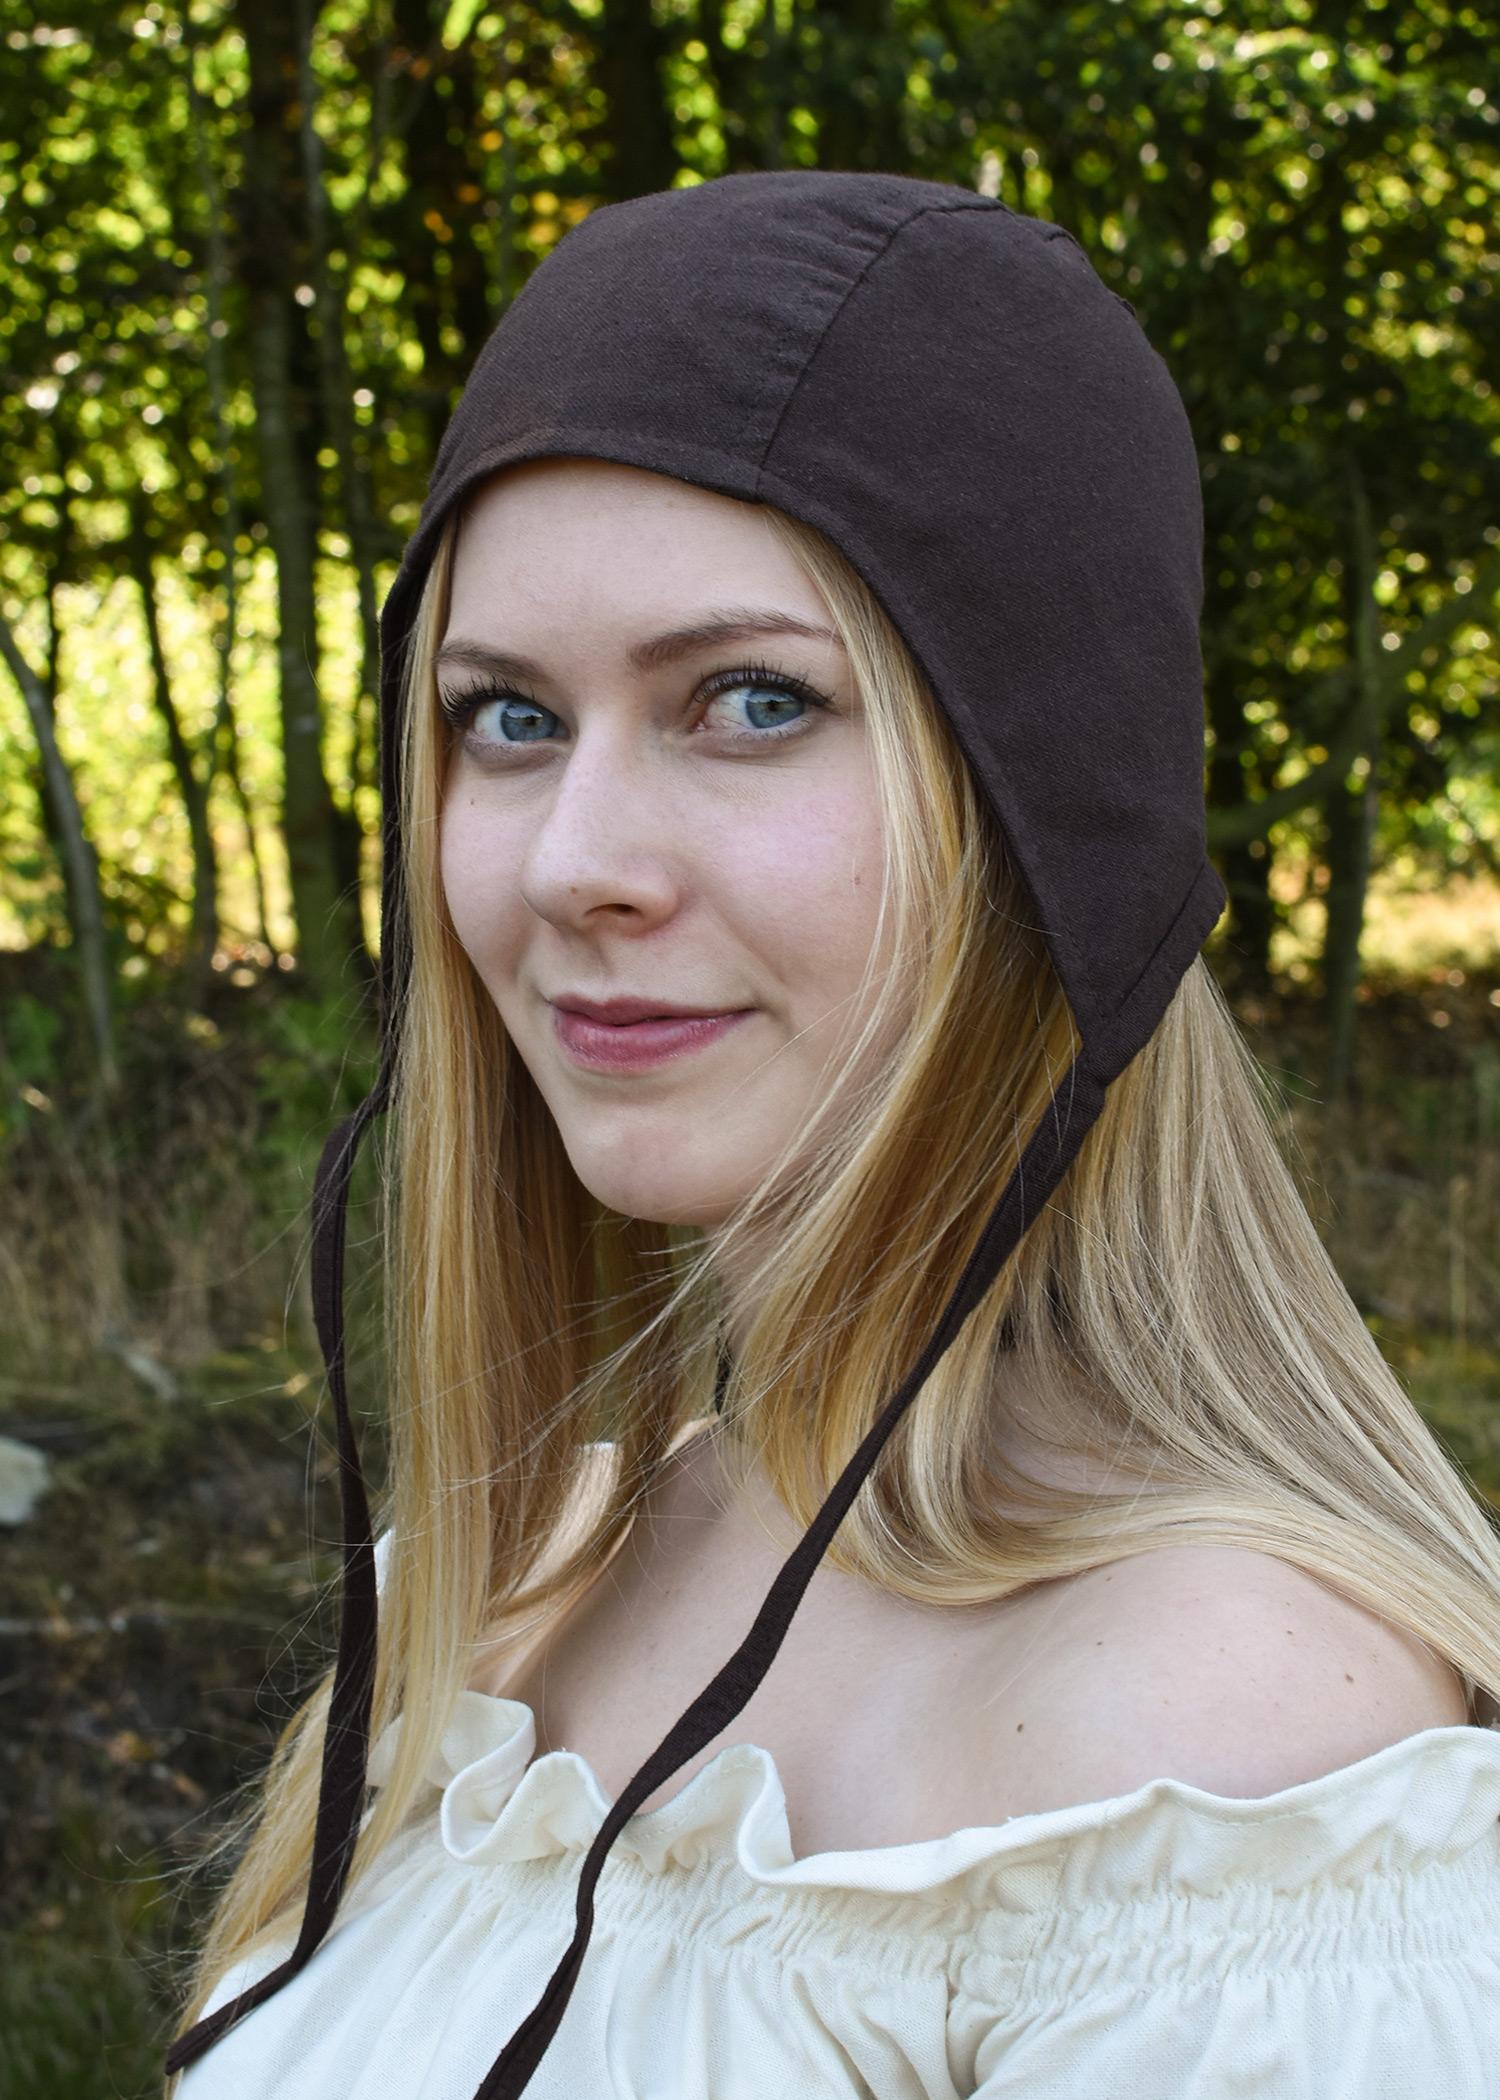 Mittelalter Bundhaube mit Bändern, verschiedene Farben